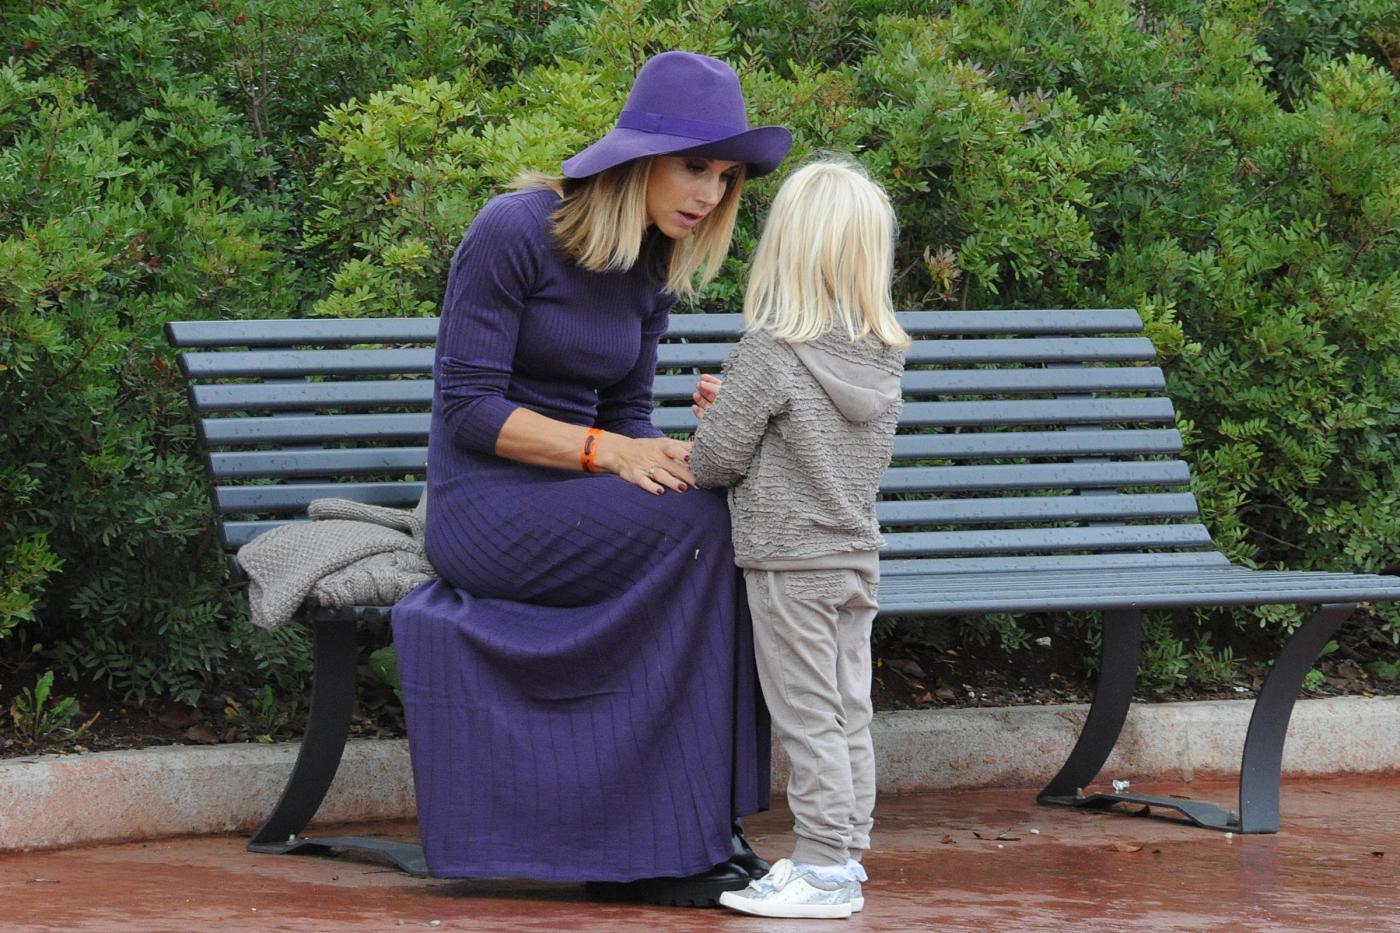 Anna Falchi, Nicoletta Romanoff e figlie a Magicland 08